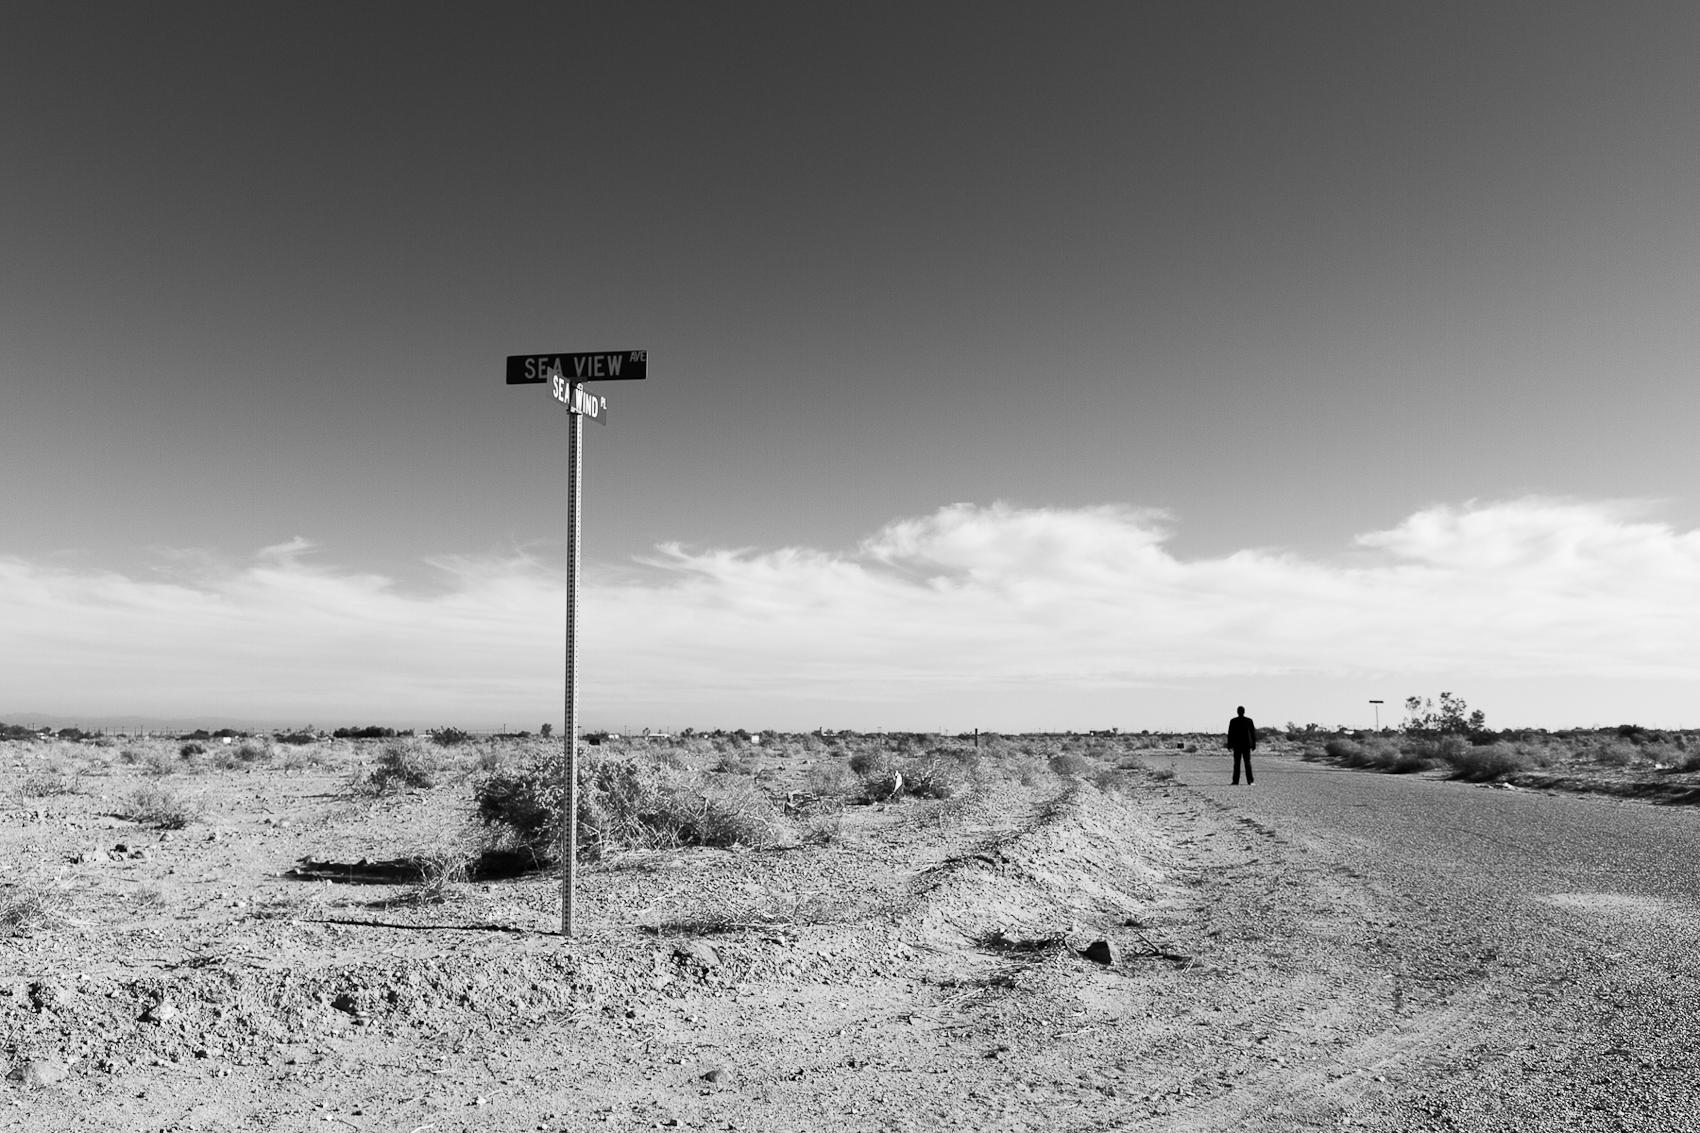 Self Portrait, Sea View Drive, Salton Sea, 2014